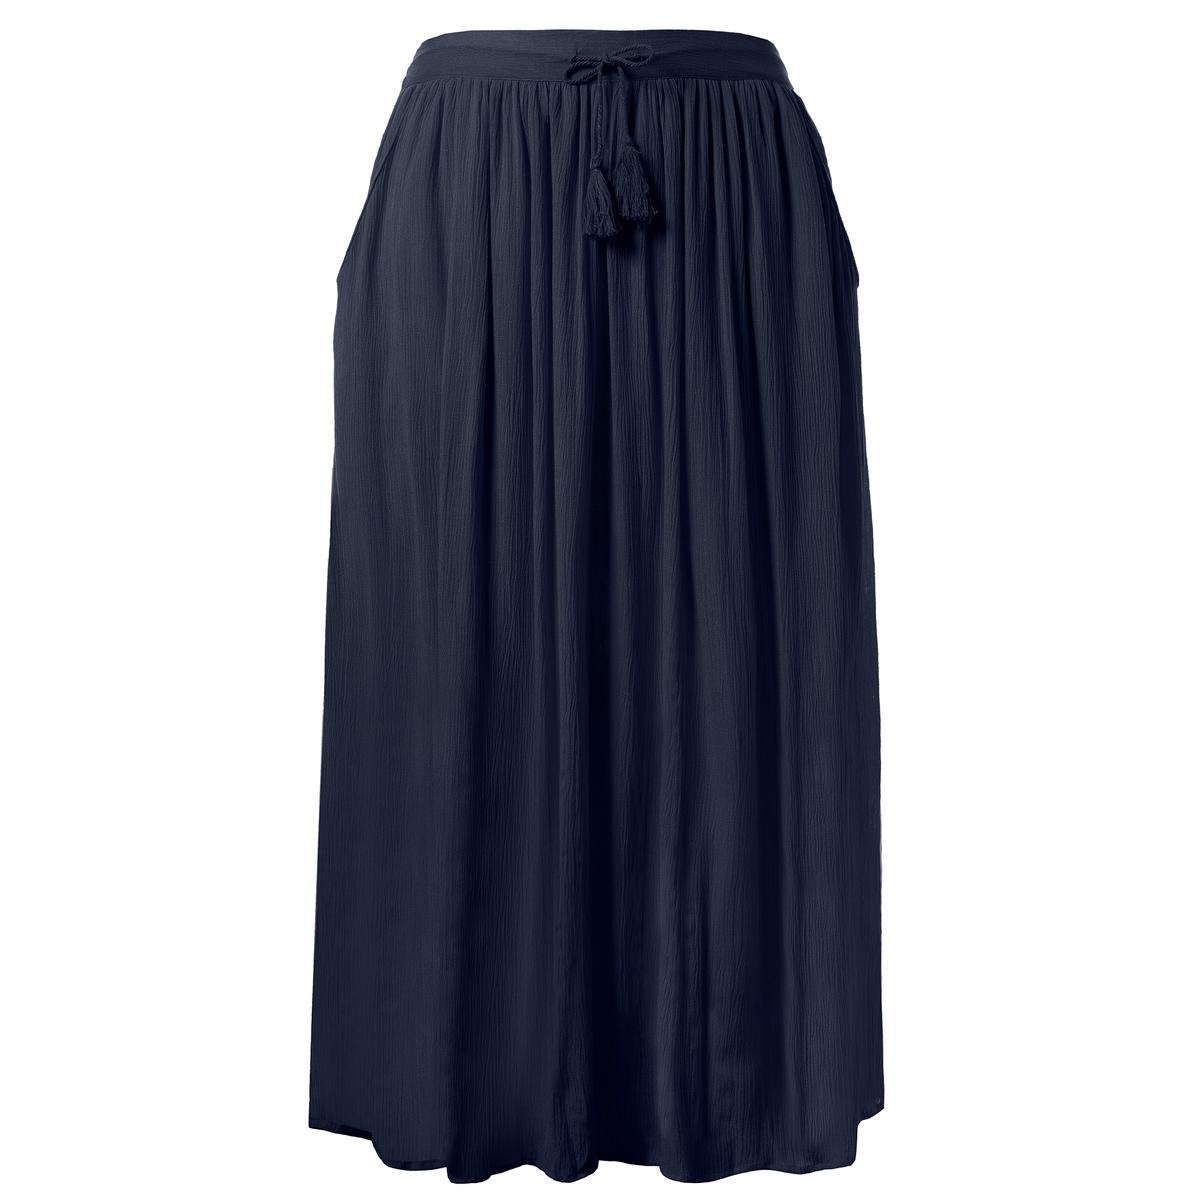 Юбка-максиЮбка-макси ULLA POPKEN из крепона. Свободный покрой, полностью эластичный пояс, 2 кармана, непрозрачная подкладка.100% полиэстер. 100% хлопок. Длина . 85 см<br><br>Цвет: темно-синий